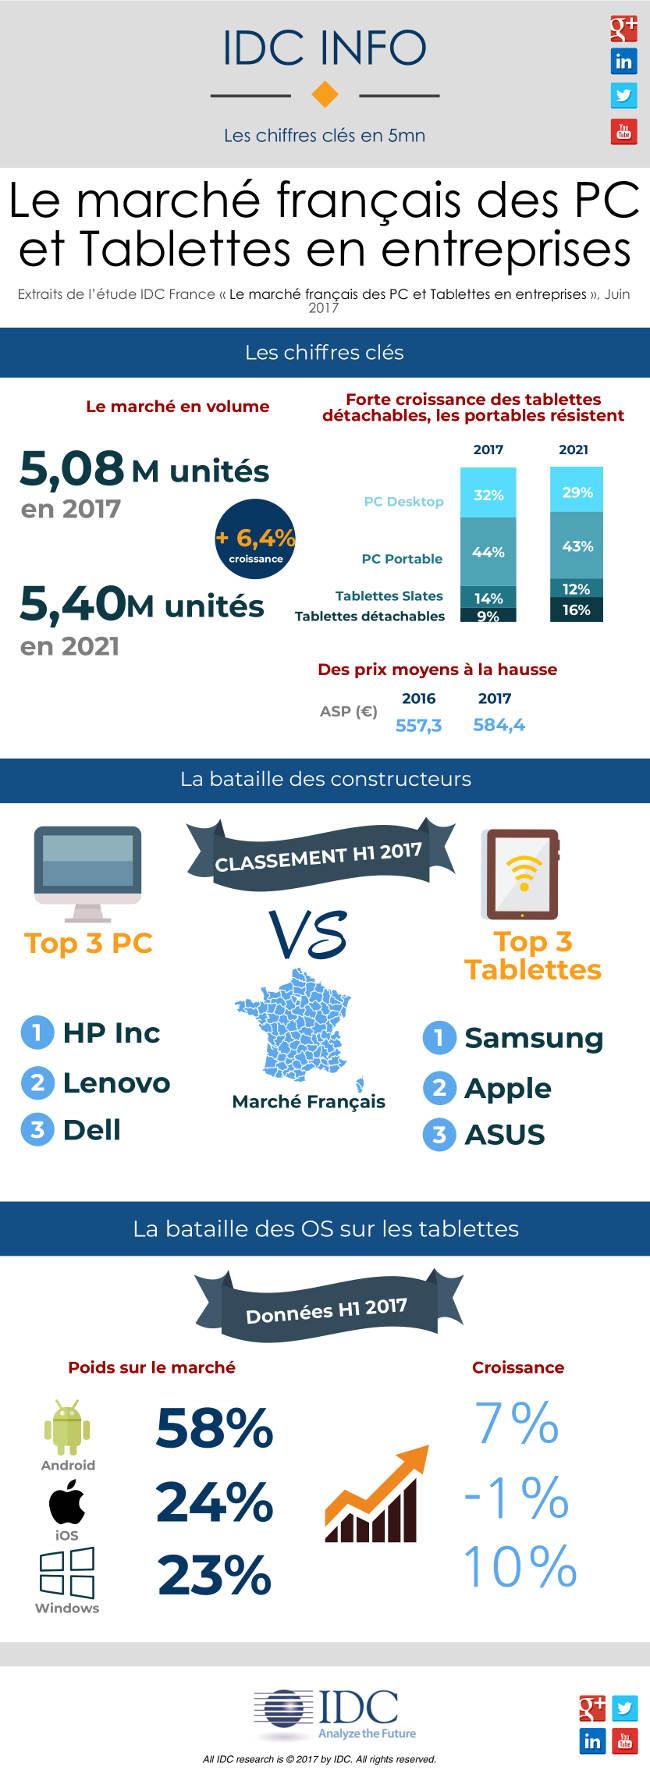 Le marché français des PC et tablettes en entreprise